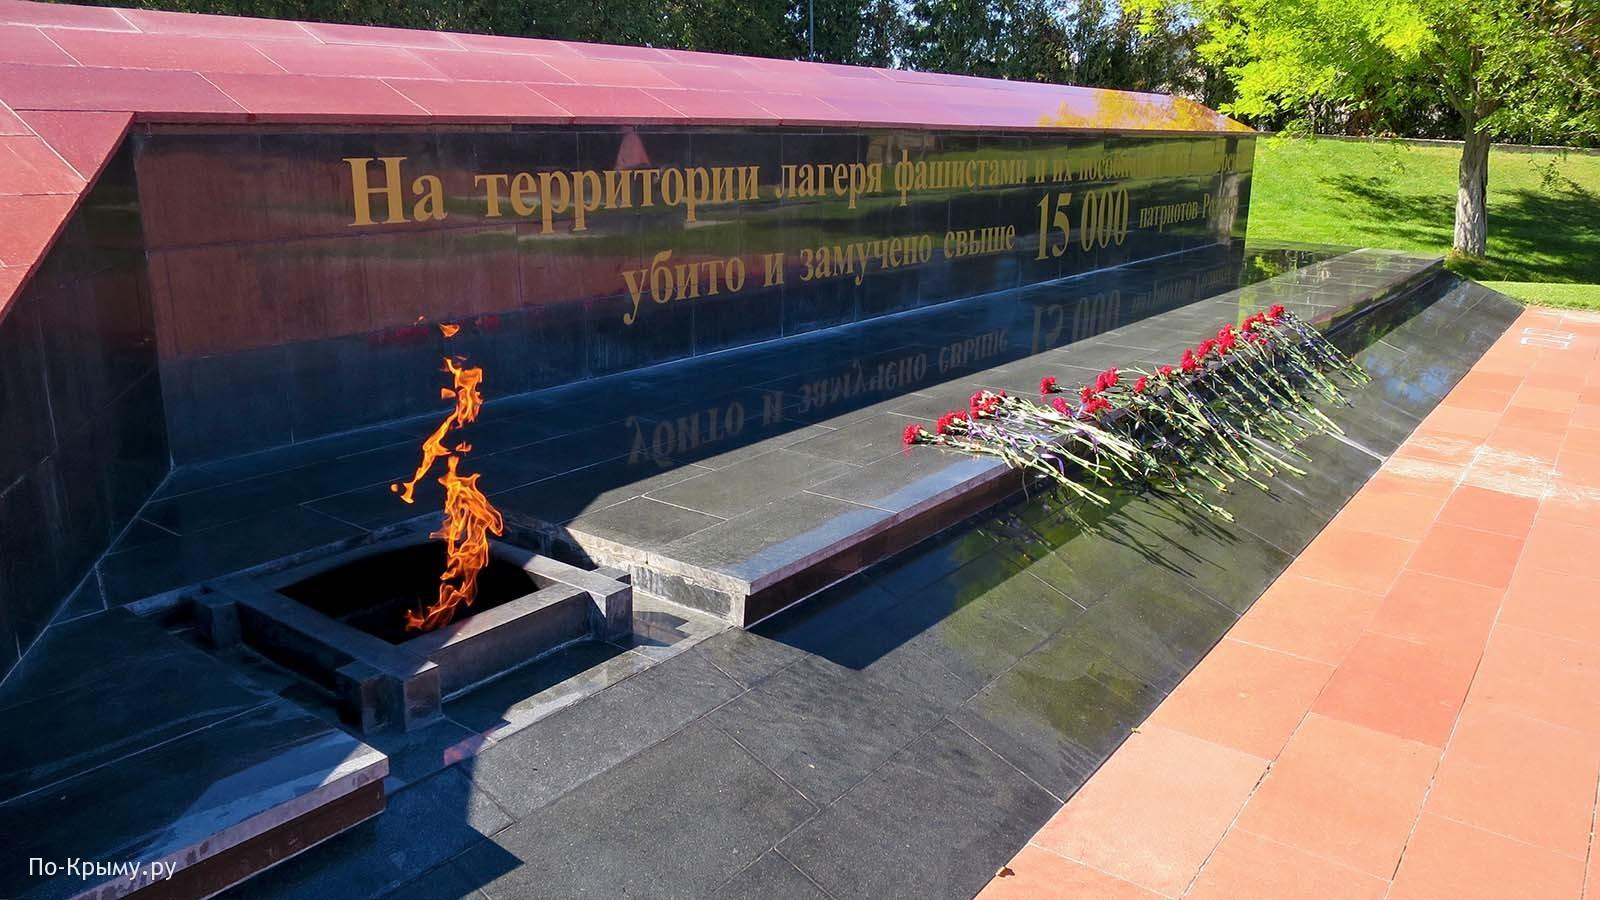 Мемориал Концлагерь Красный, Крым, Симферополь